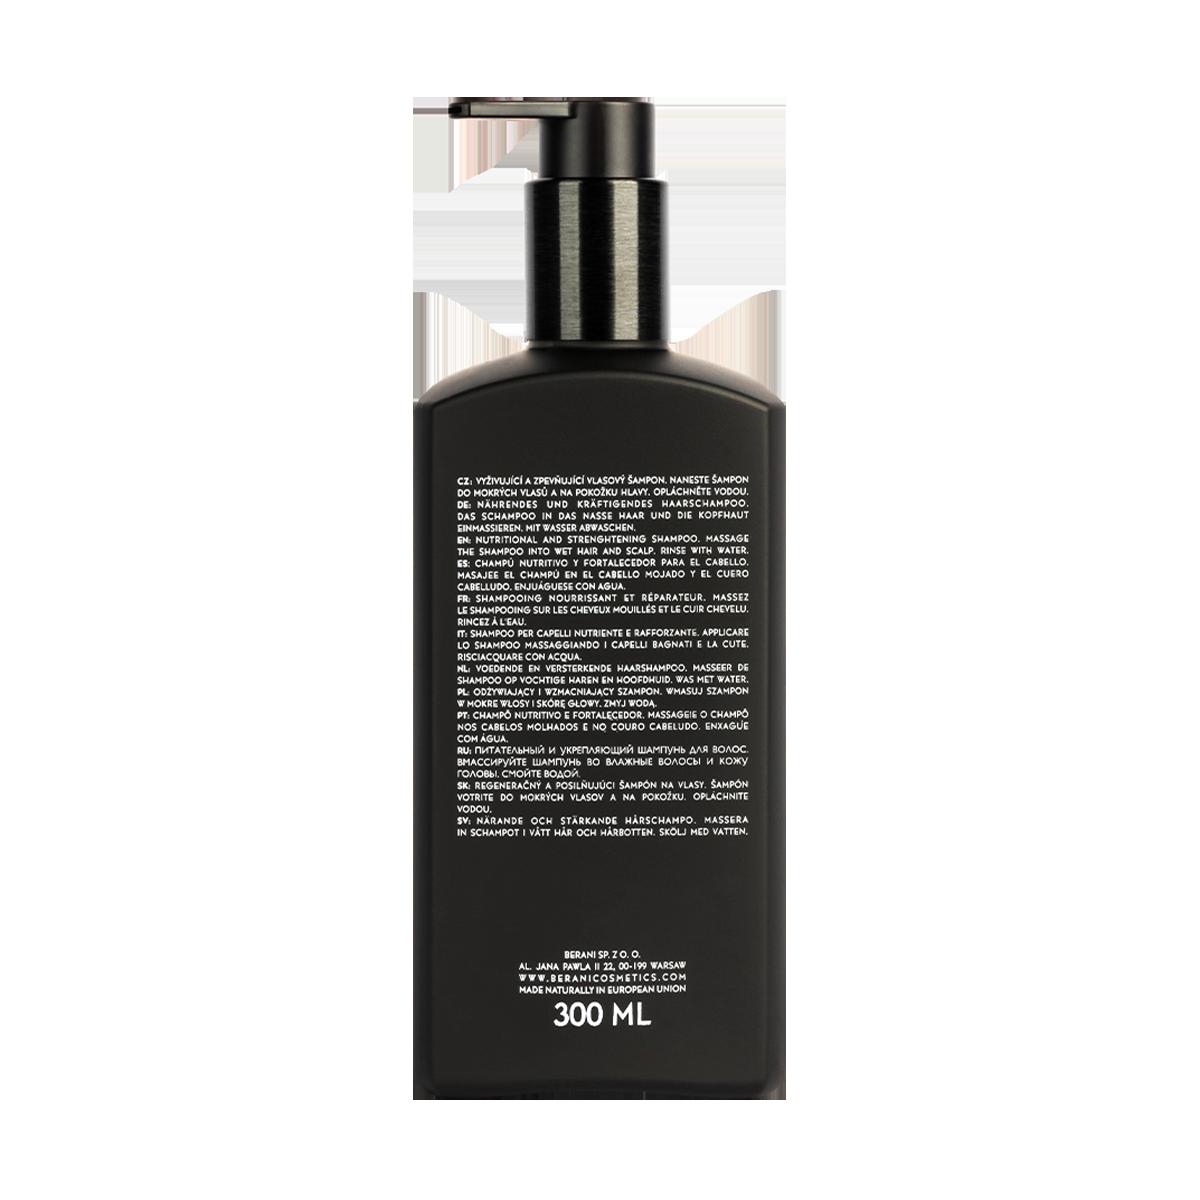 Berani nawilżający szampon do włosów - 300 ml